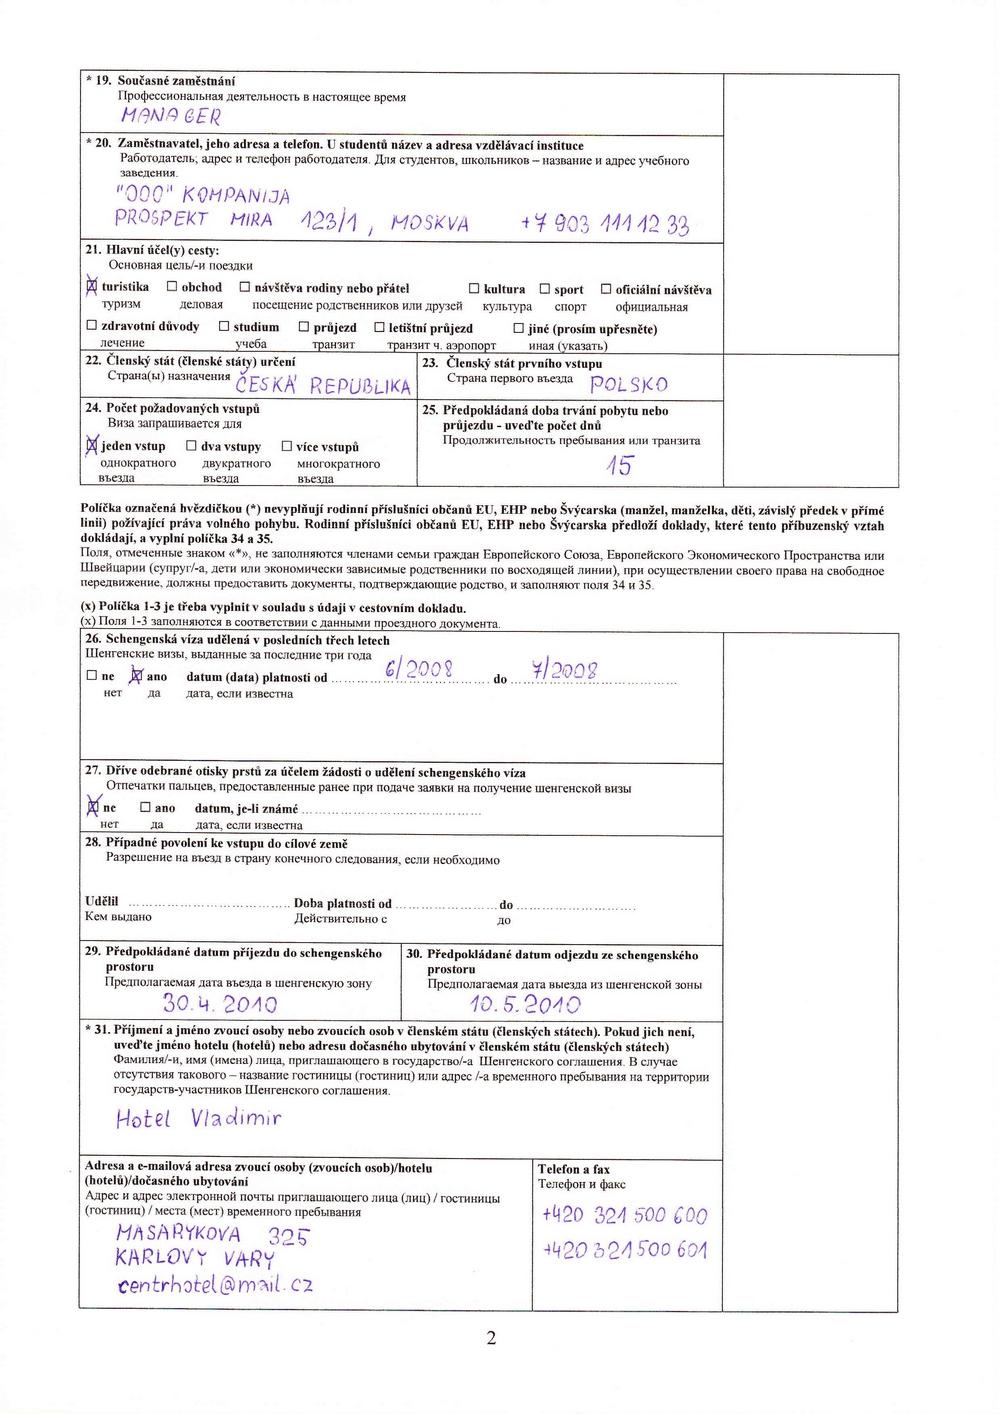 Образец заполнения анкеты на визу в Чехию, стр. 2